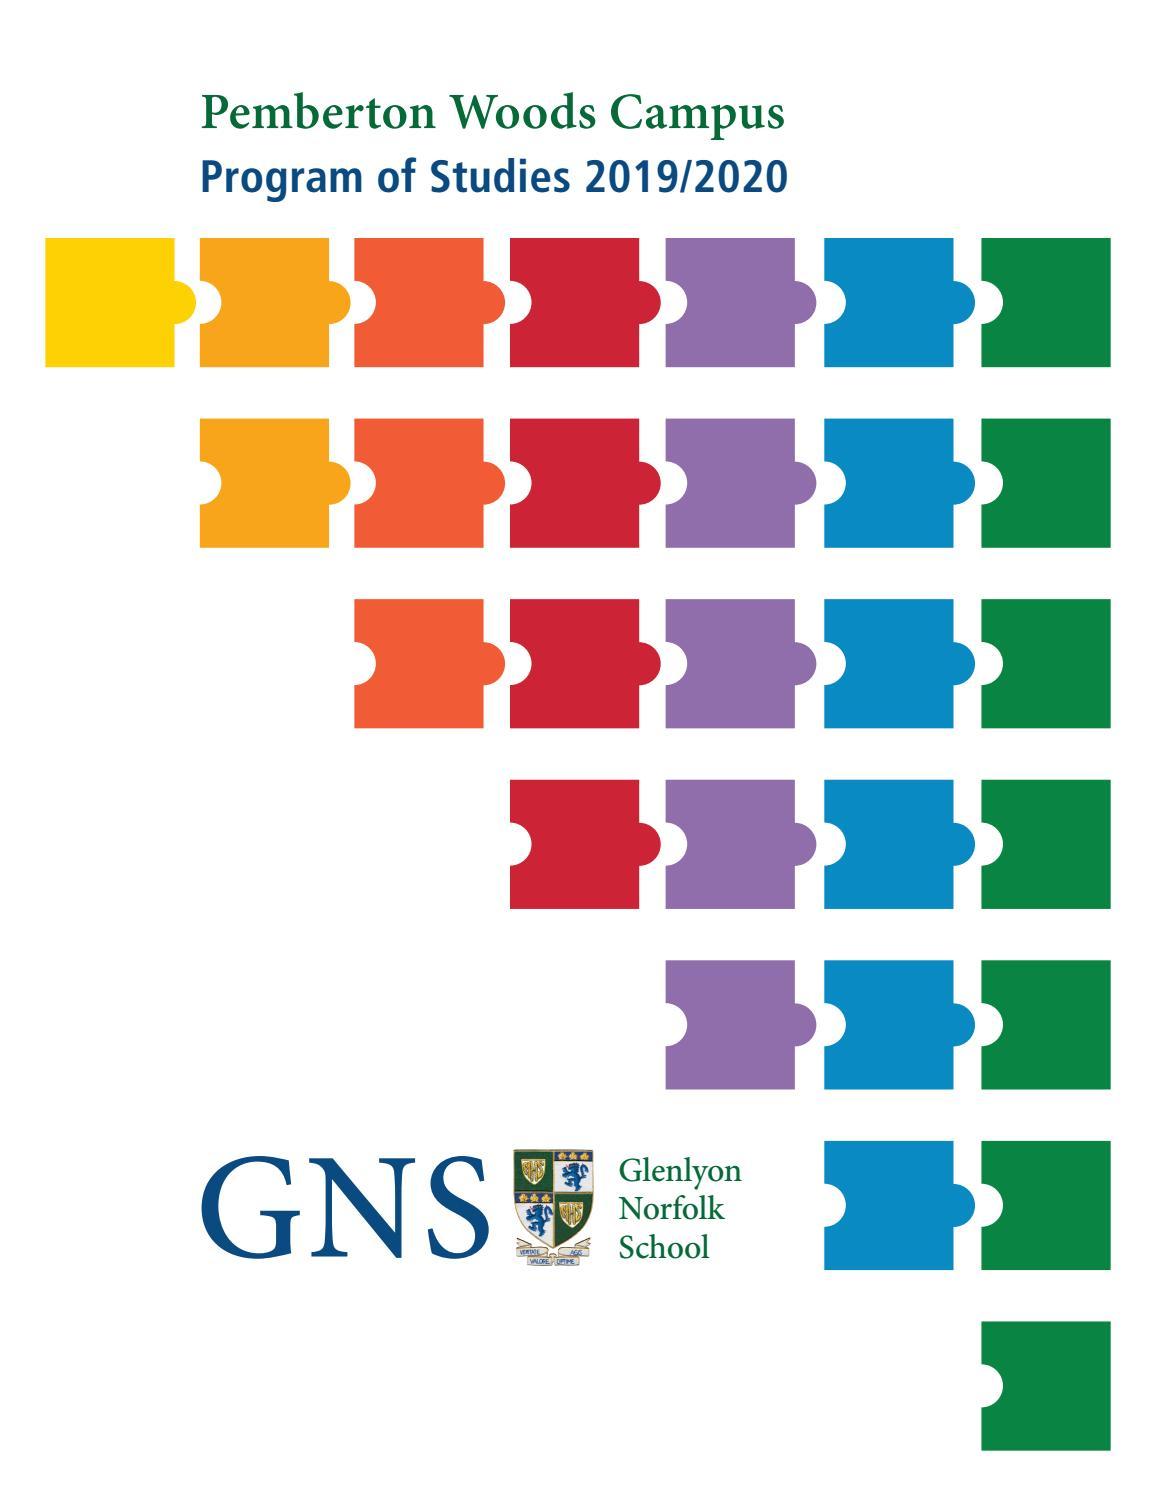 Pemberton Woods Campus Program of Studies 2019/2020 by